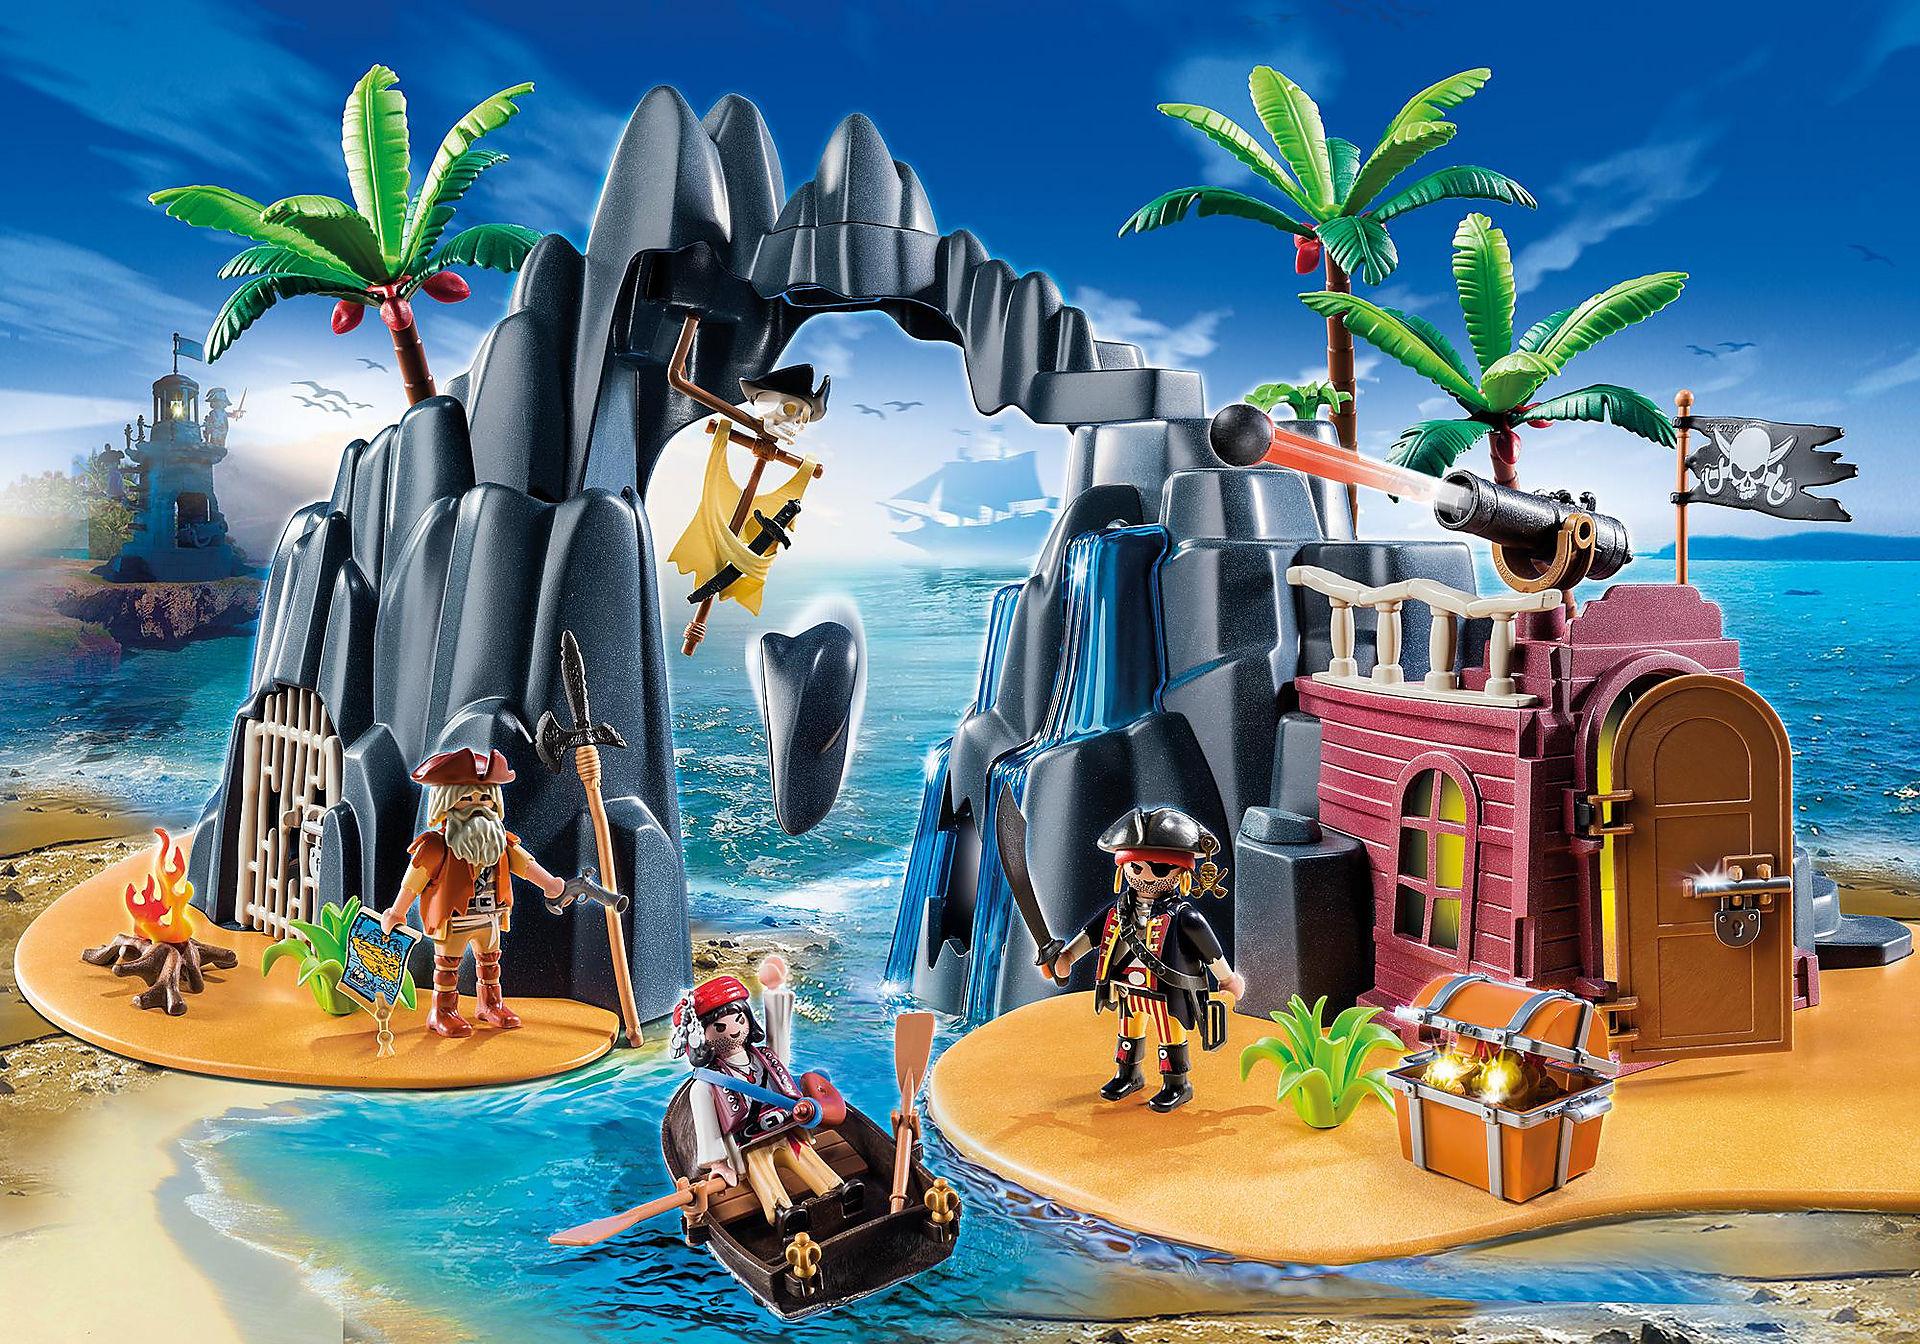 6679 Pirate Treasure Island zoom image1